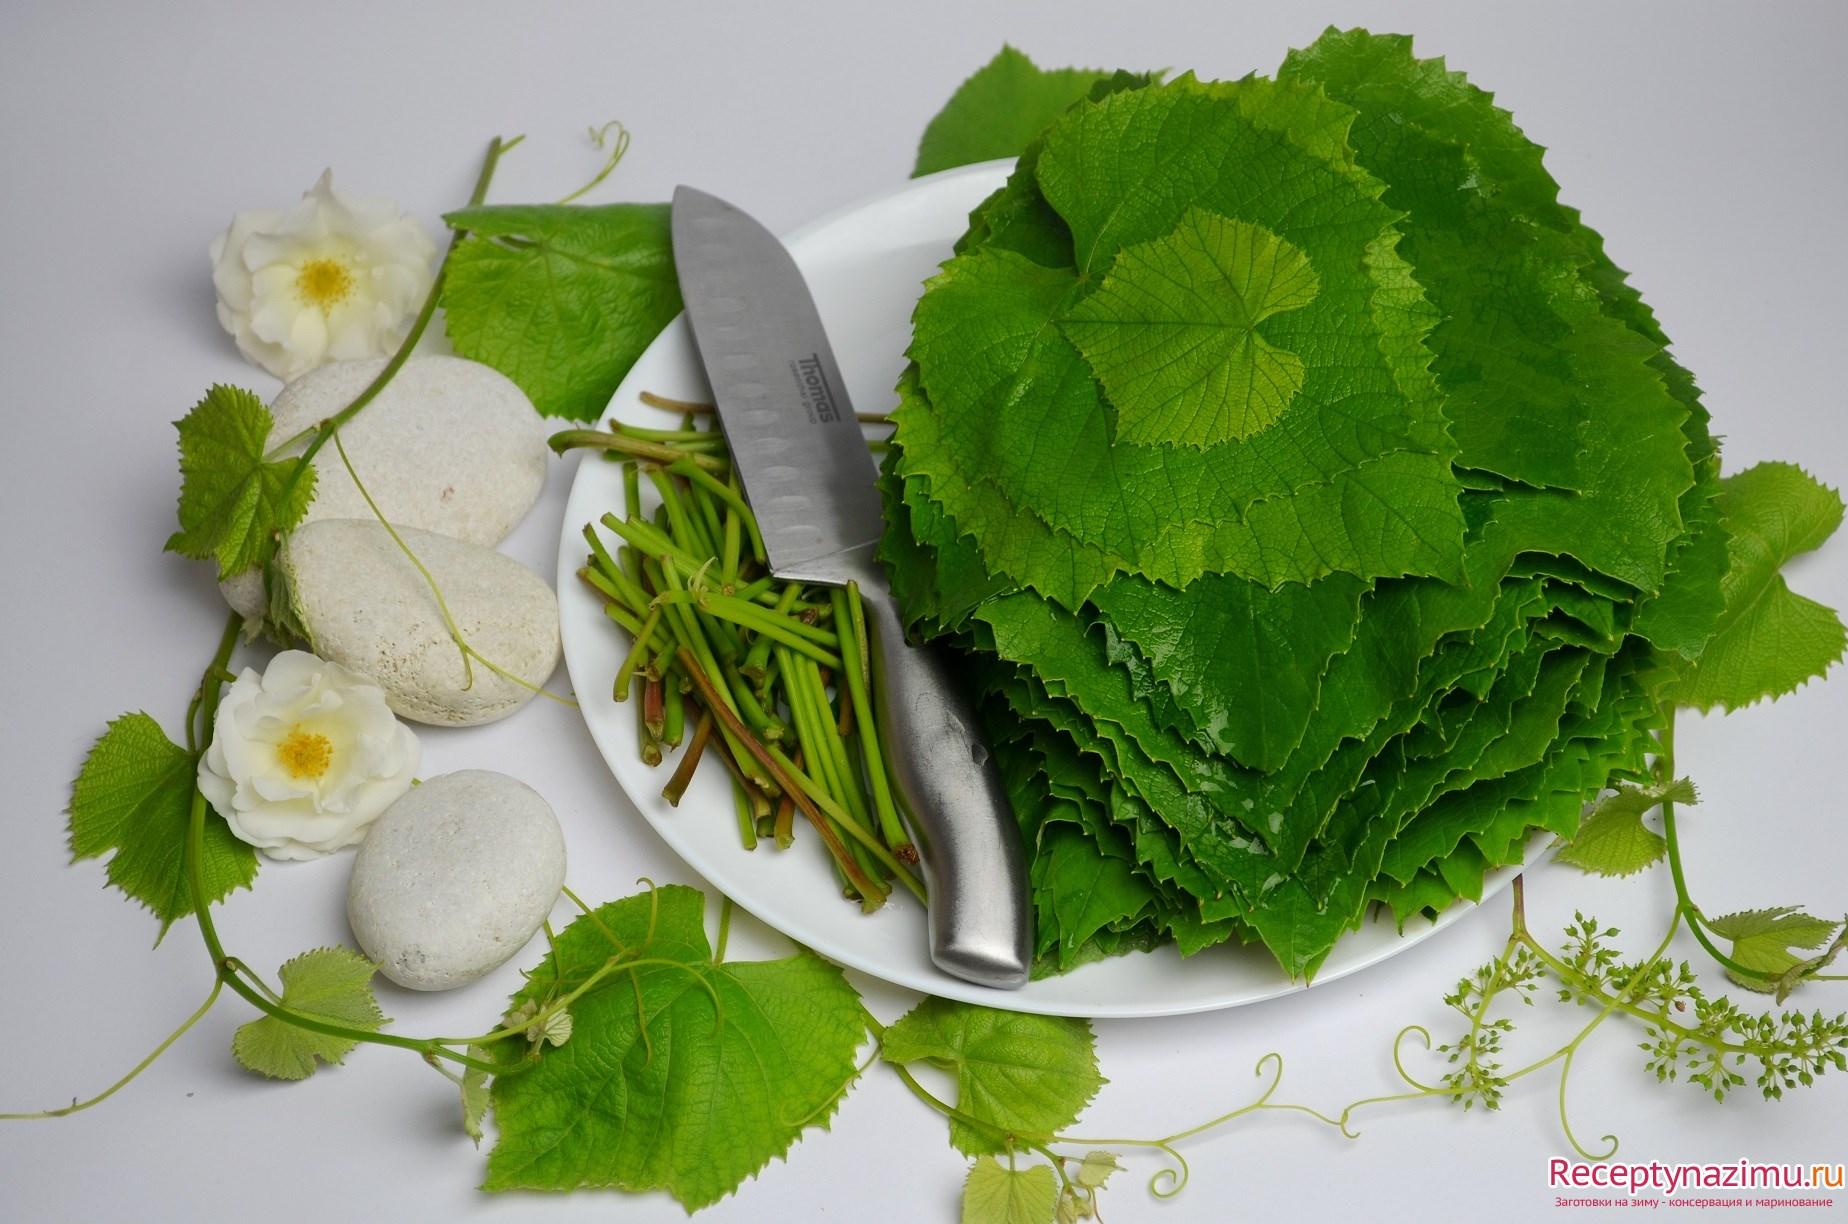 Рецепт долмы засолка виноградных листьев